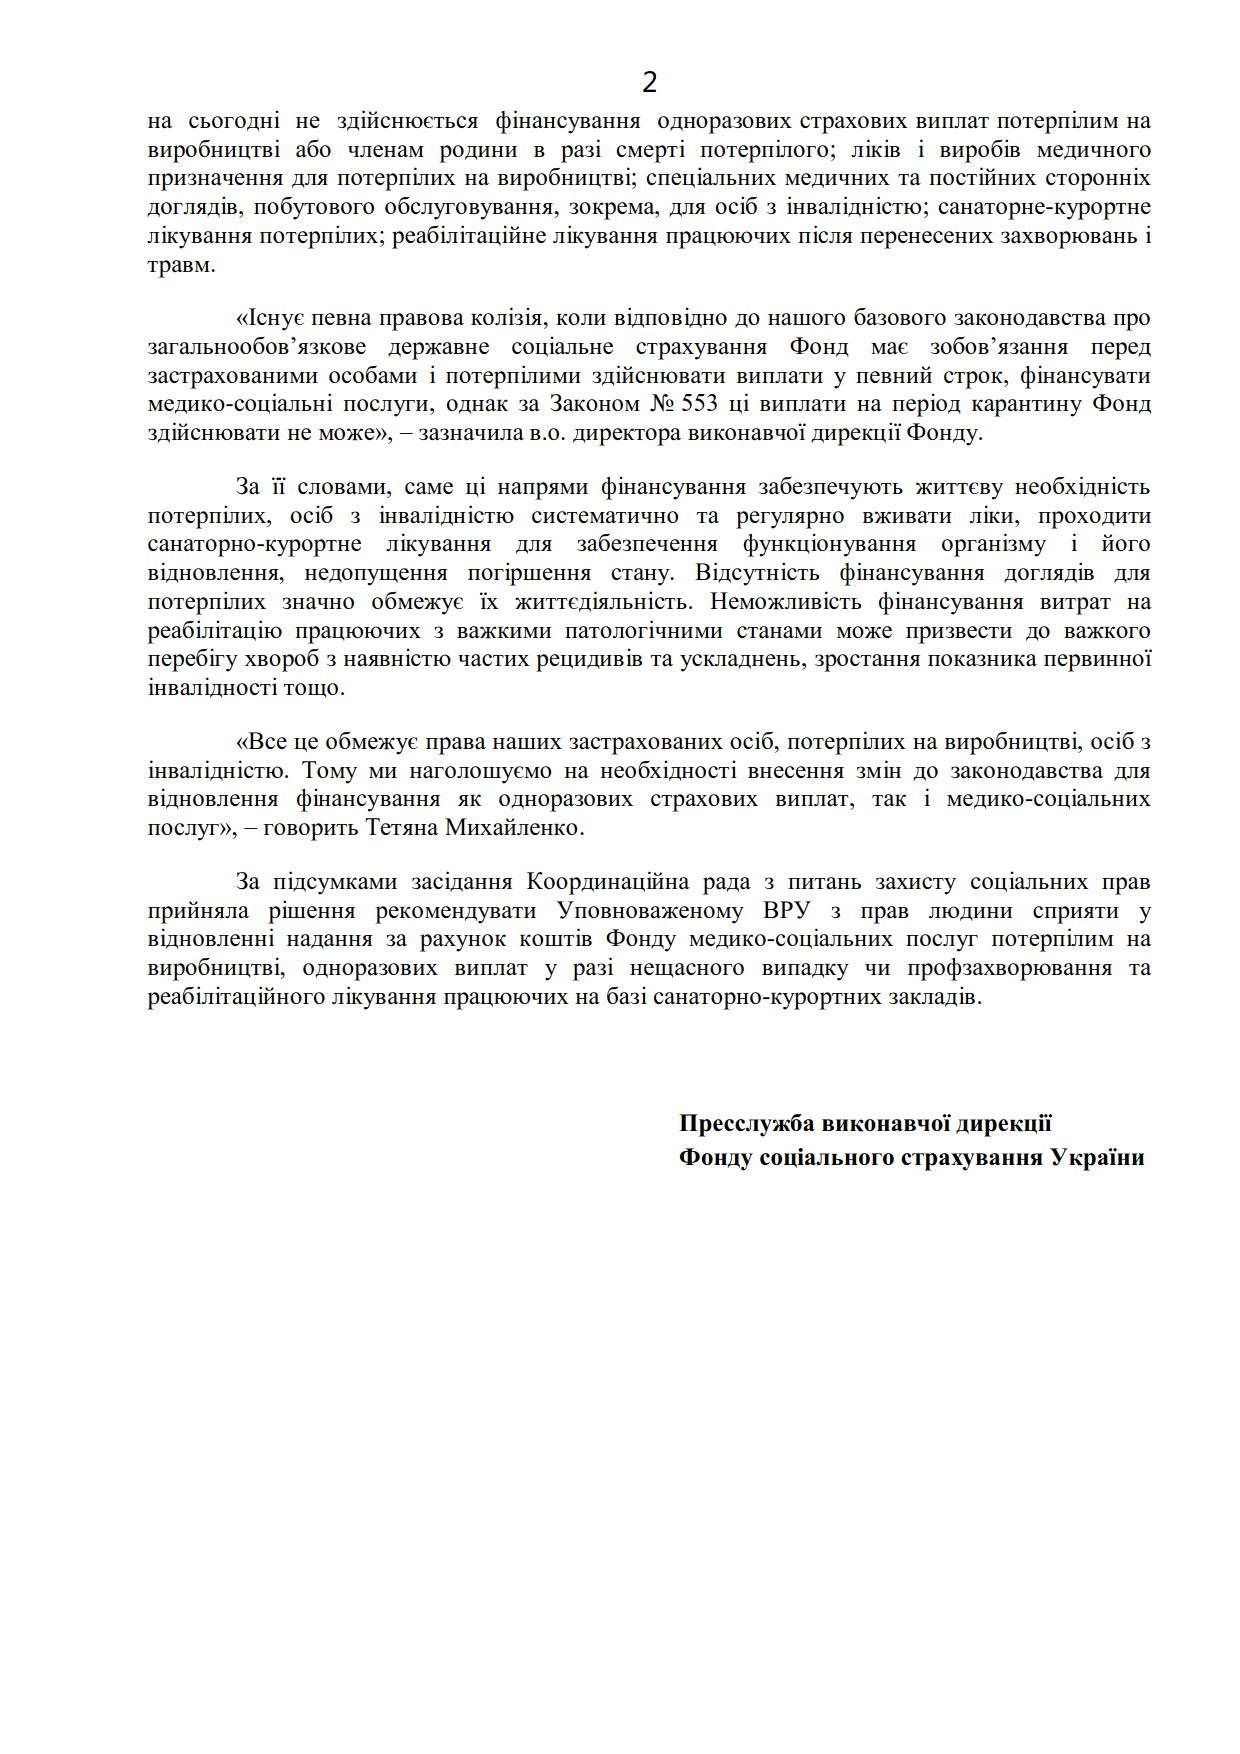 ФССУ_координаційна рада_2